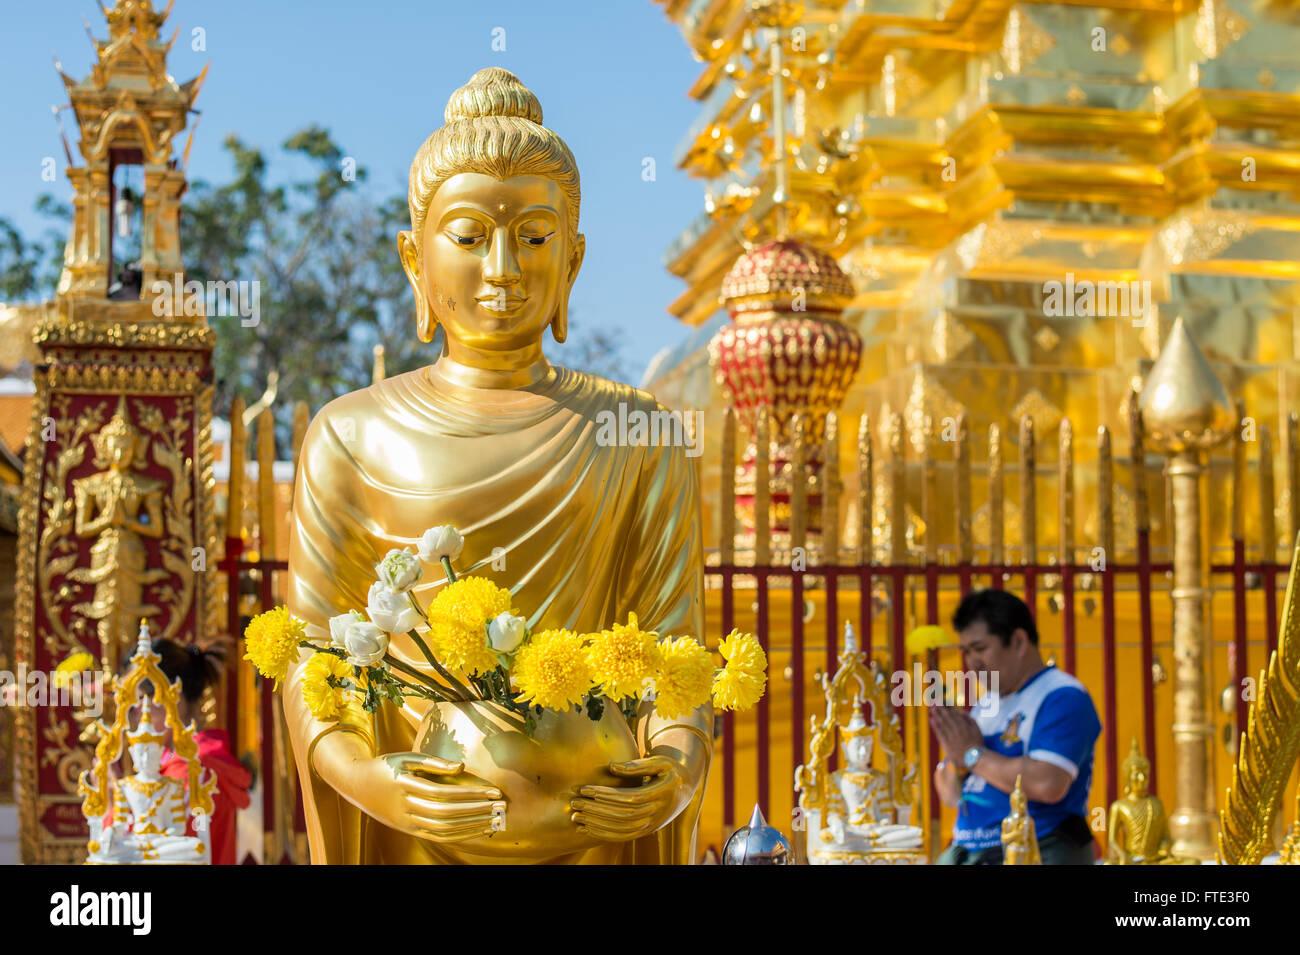 Thais verehren im Wat Phra, die Doi Suthep in Chiang Mai, Thailand Stockbild